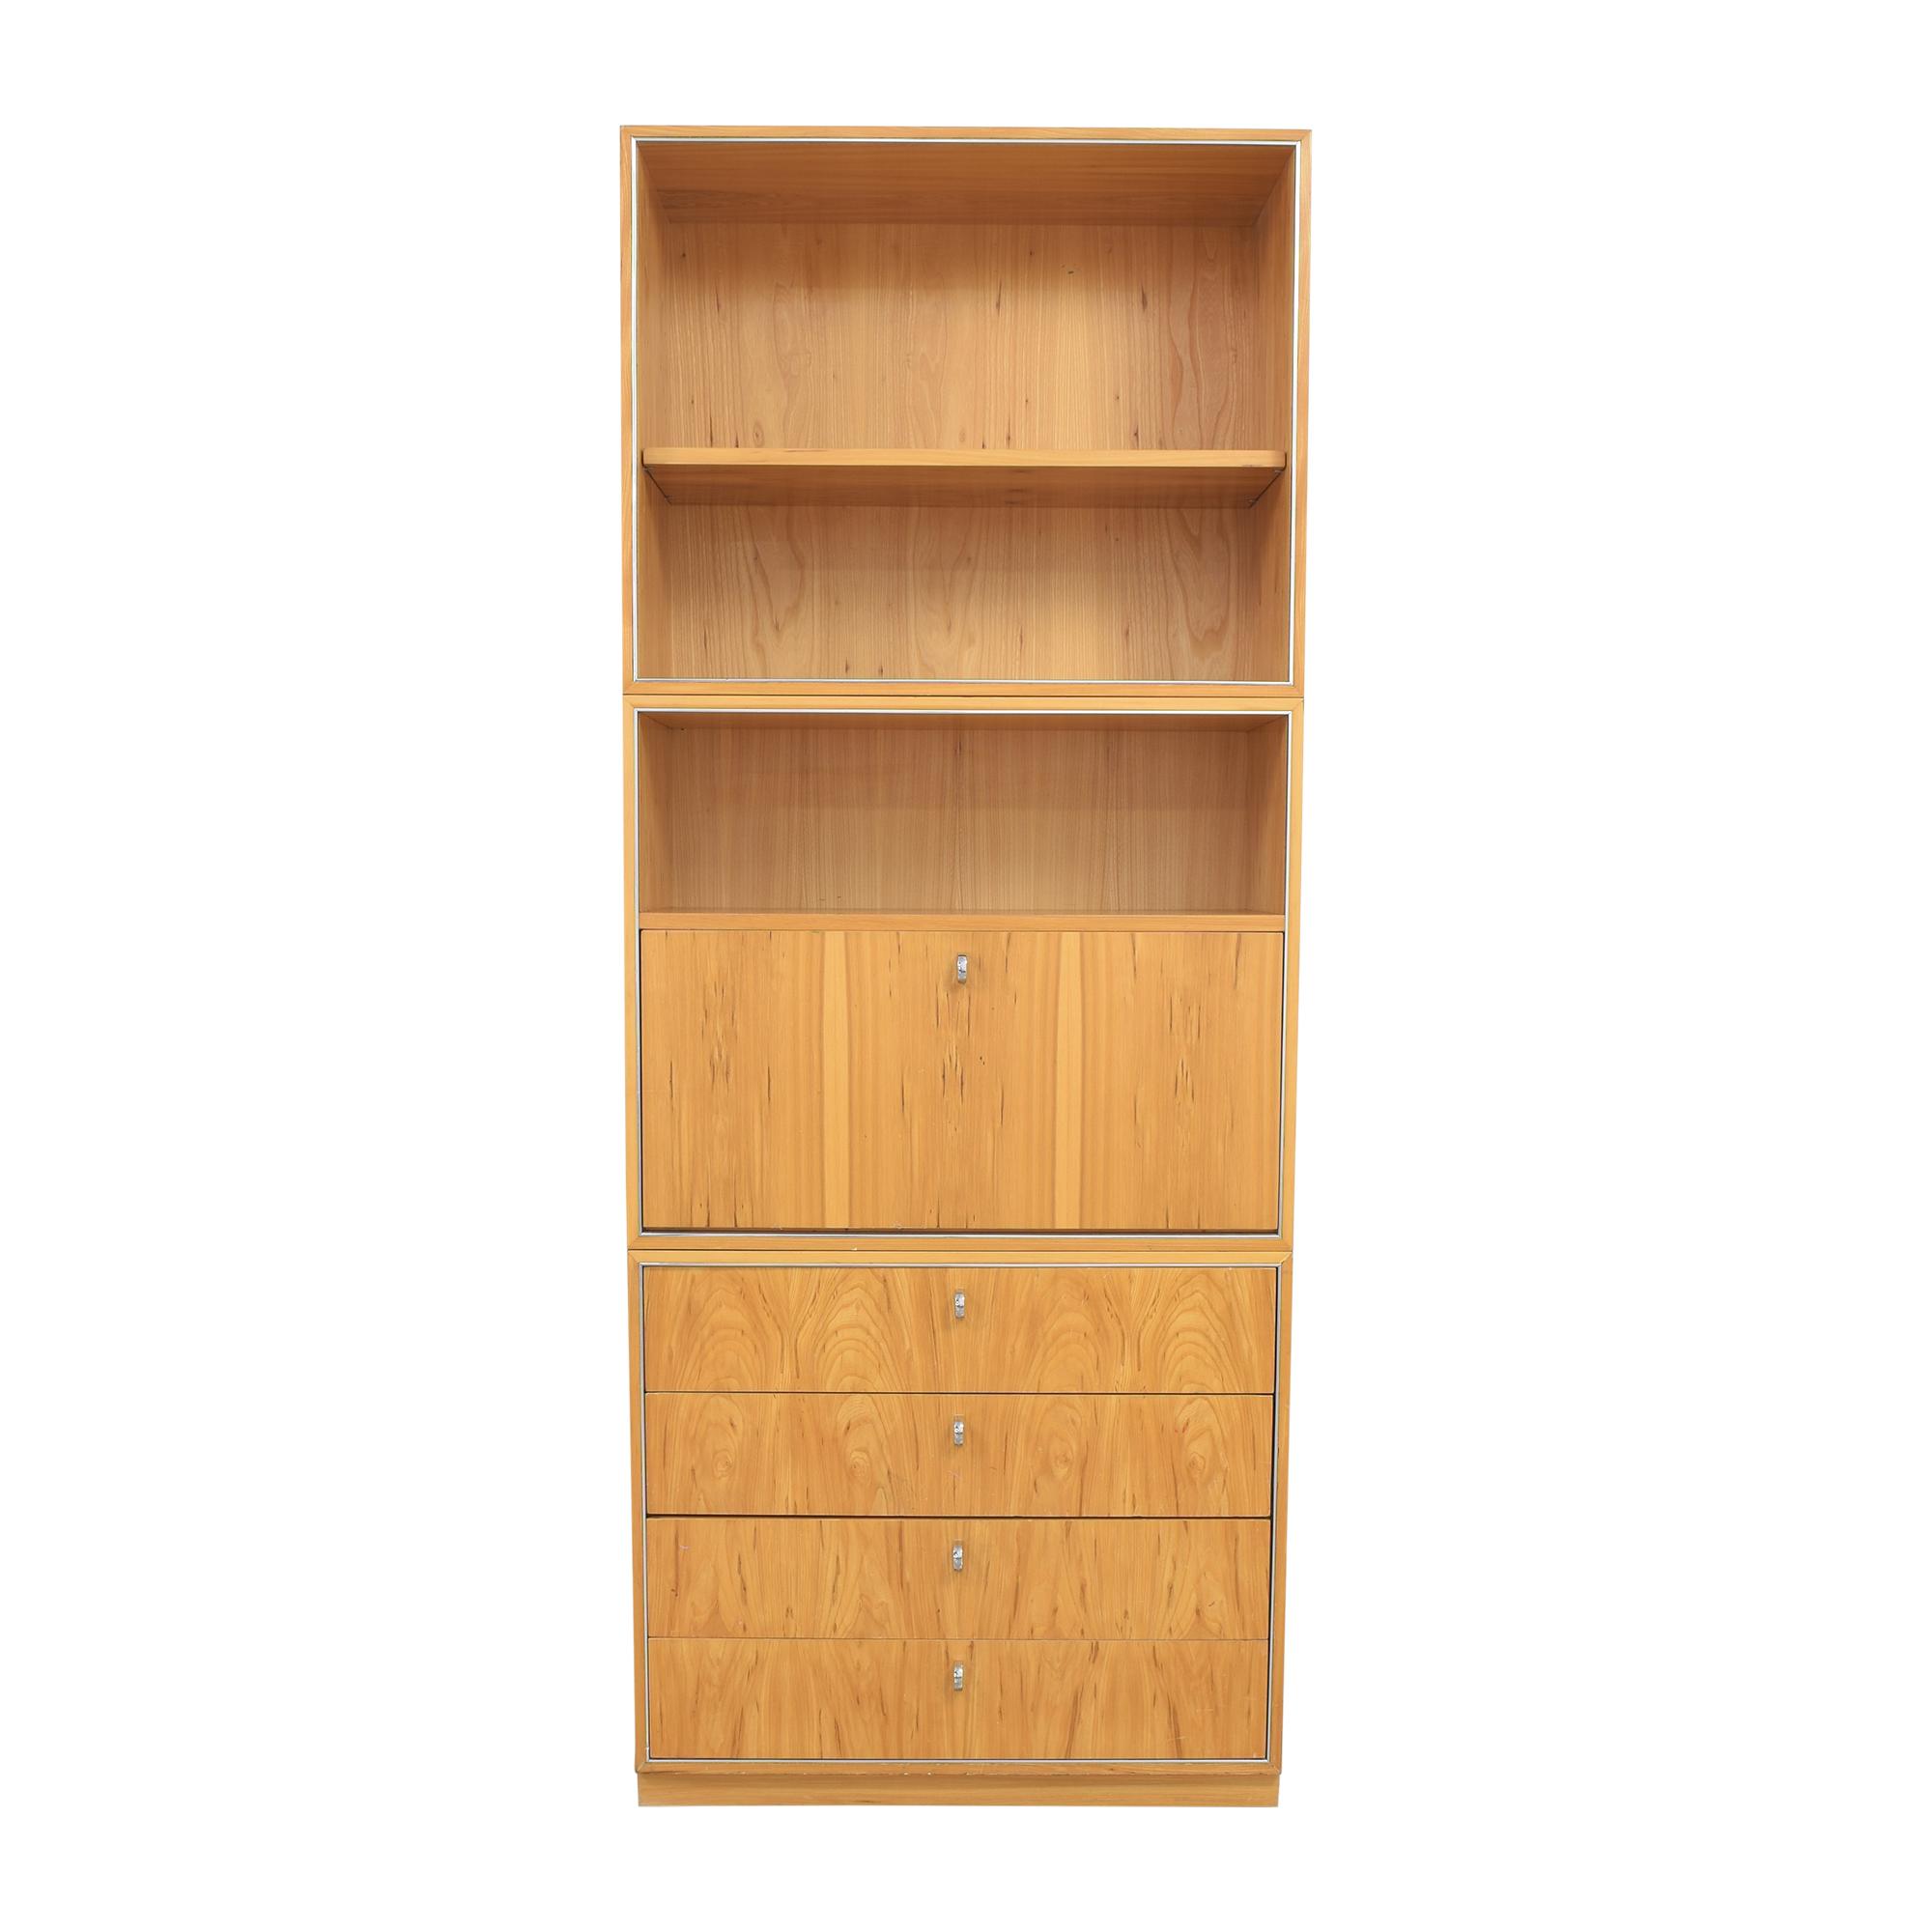 John Stuart Inc. John Stuart Inc. Bookcase with Dry Bar Cabinet nyc